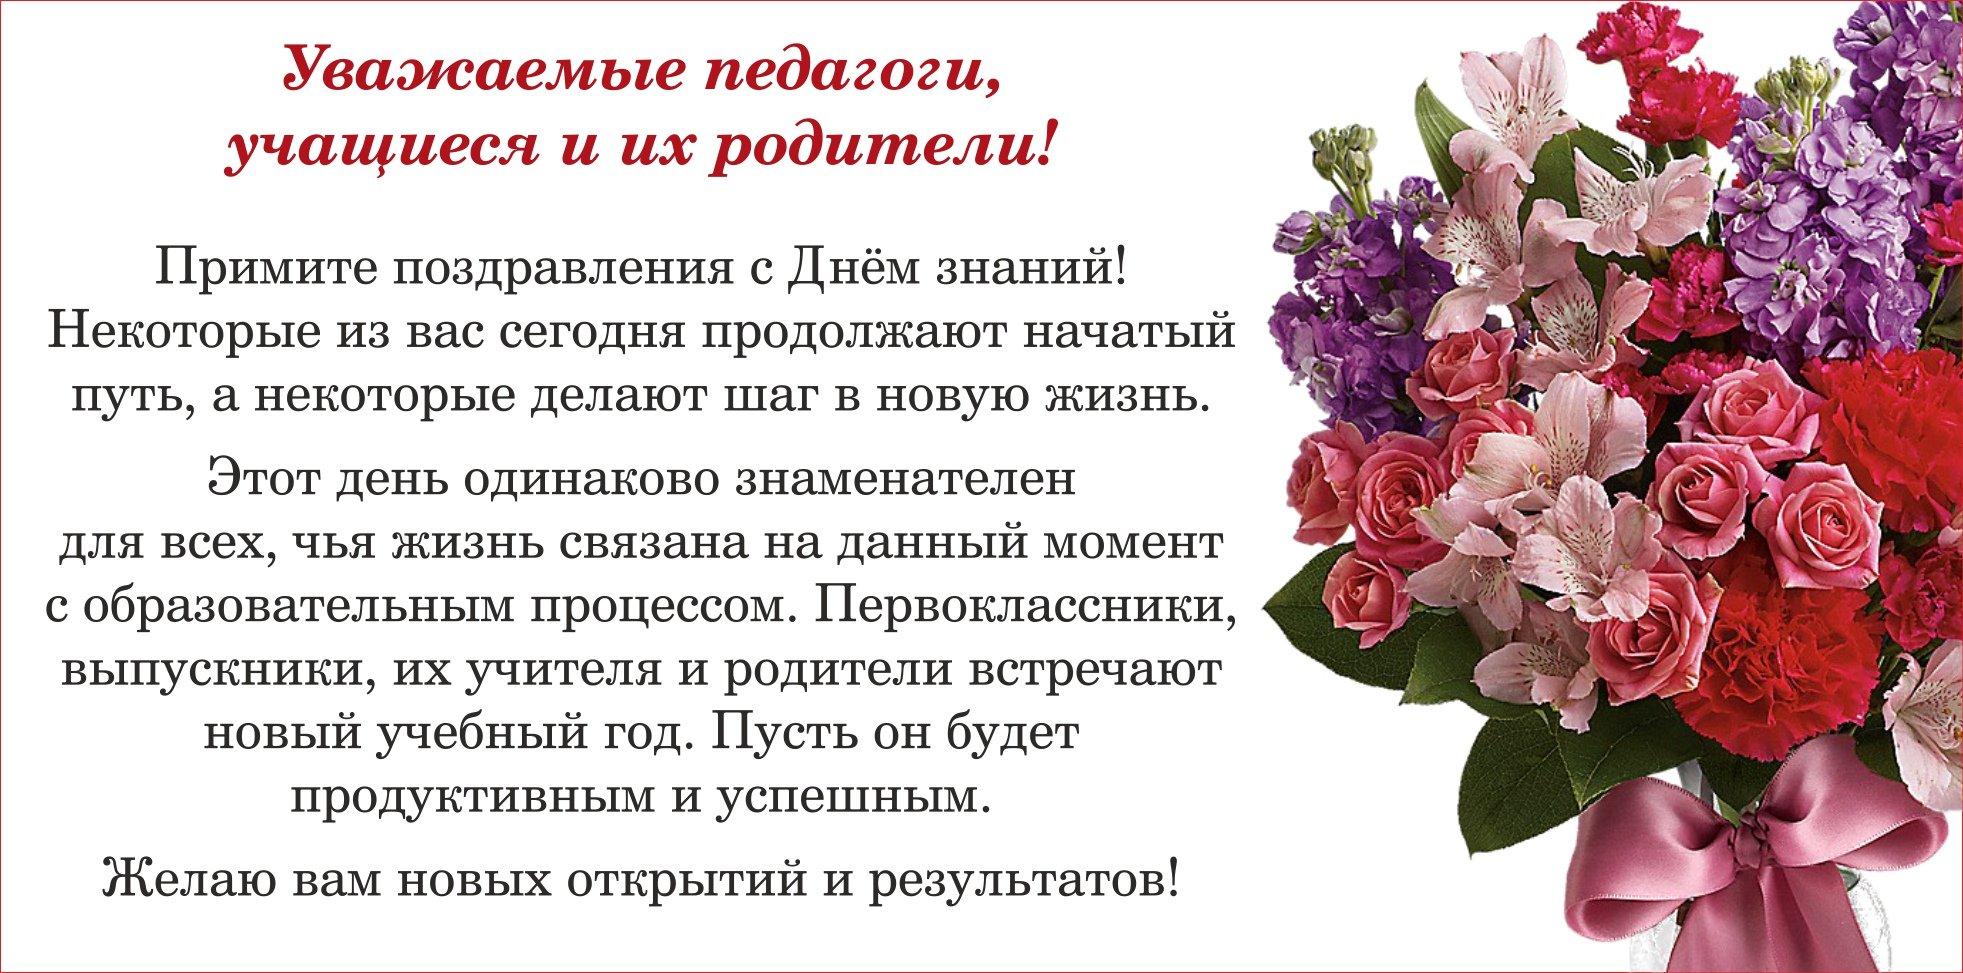 Поздравления с юбилеем отдел образования